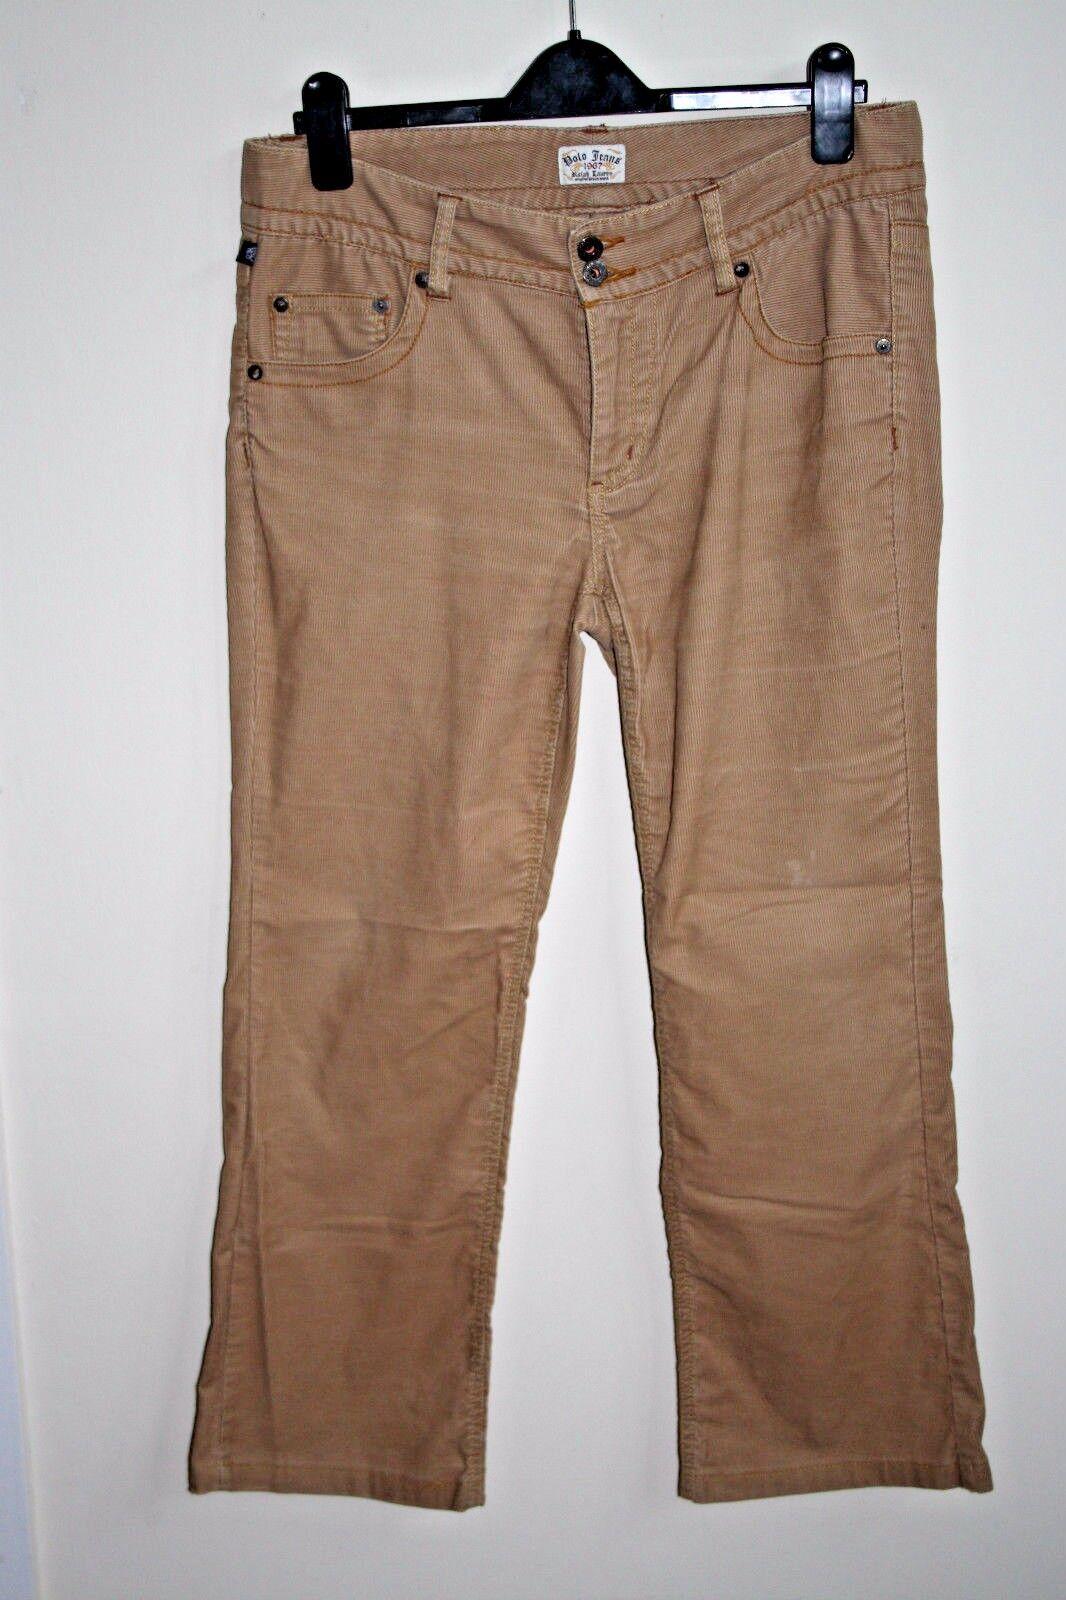 Ralph Lauren Polo Jeans Mens Denim Fashion Fashion Fashion Style Designer Größe 32W 28L Corduroy  | Um Zuerst Unter ähnlichen Produkten Rang  1d2c7f